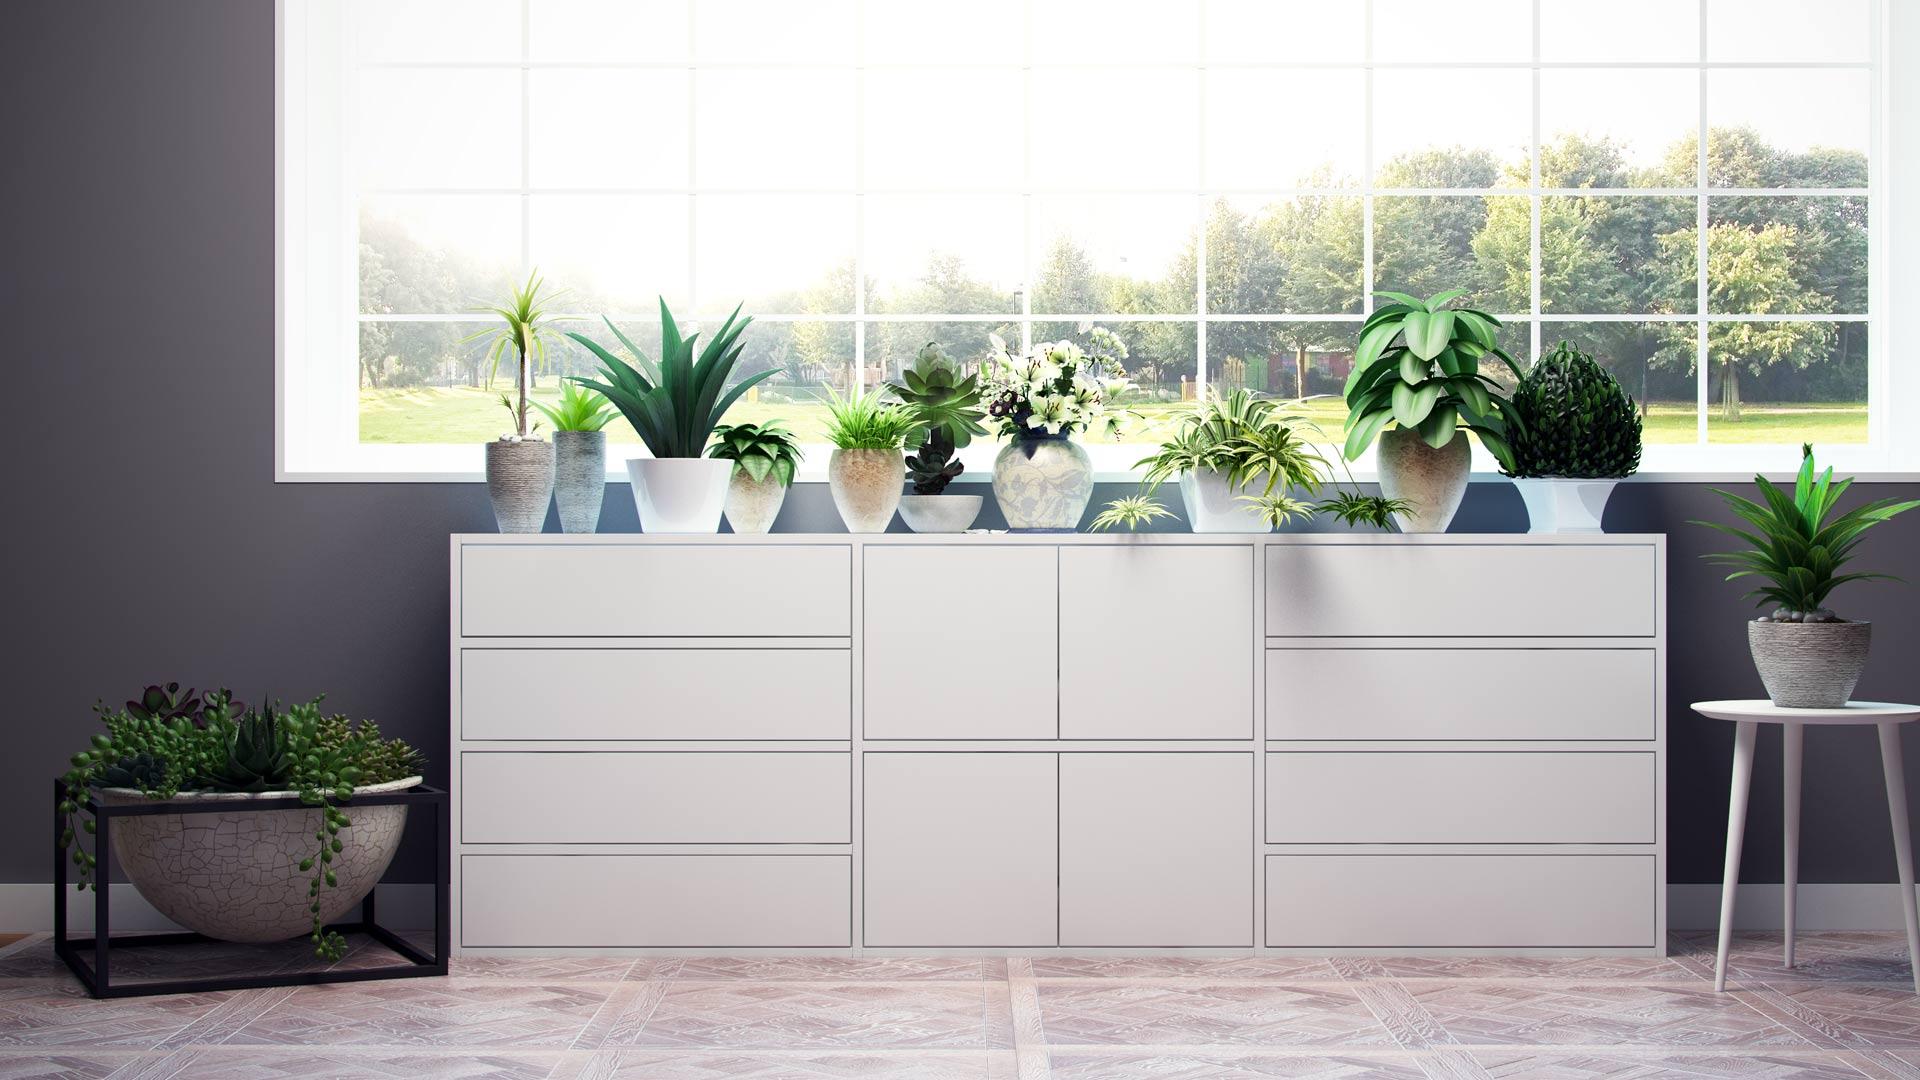 Faszinierend Weisses Sideboard Das Beste Von Weiße Sideboards Selbst Konfigurieren | Schränke Bei